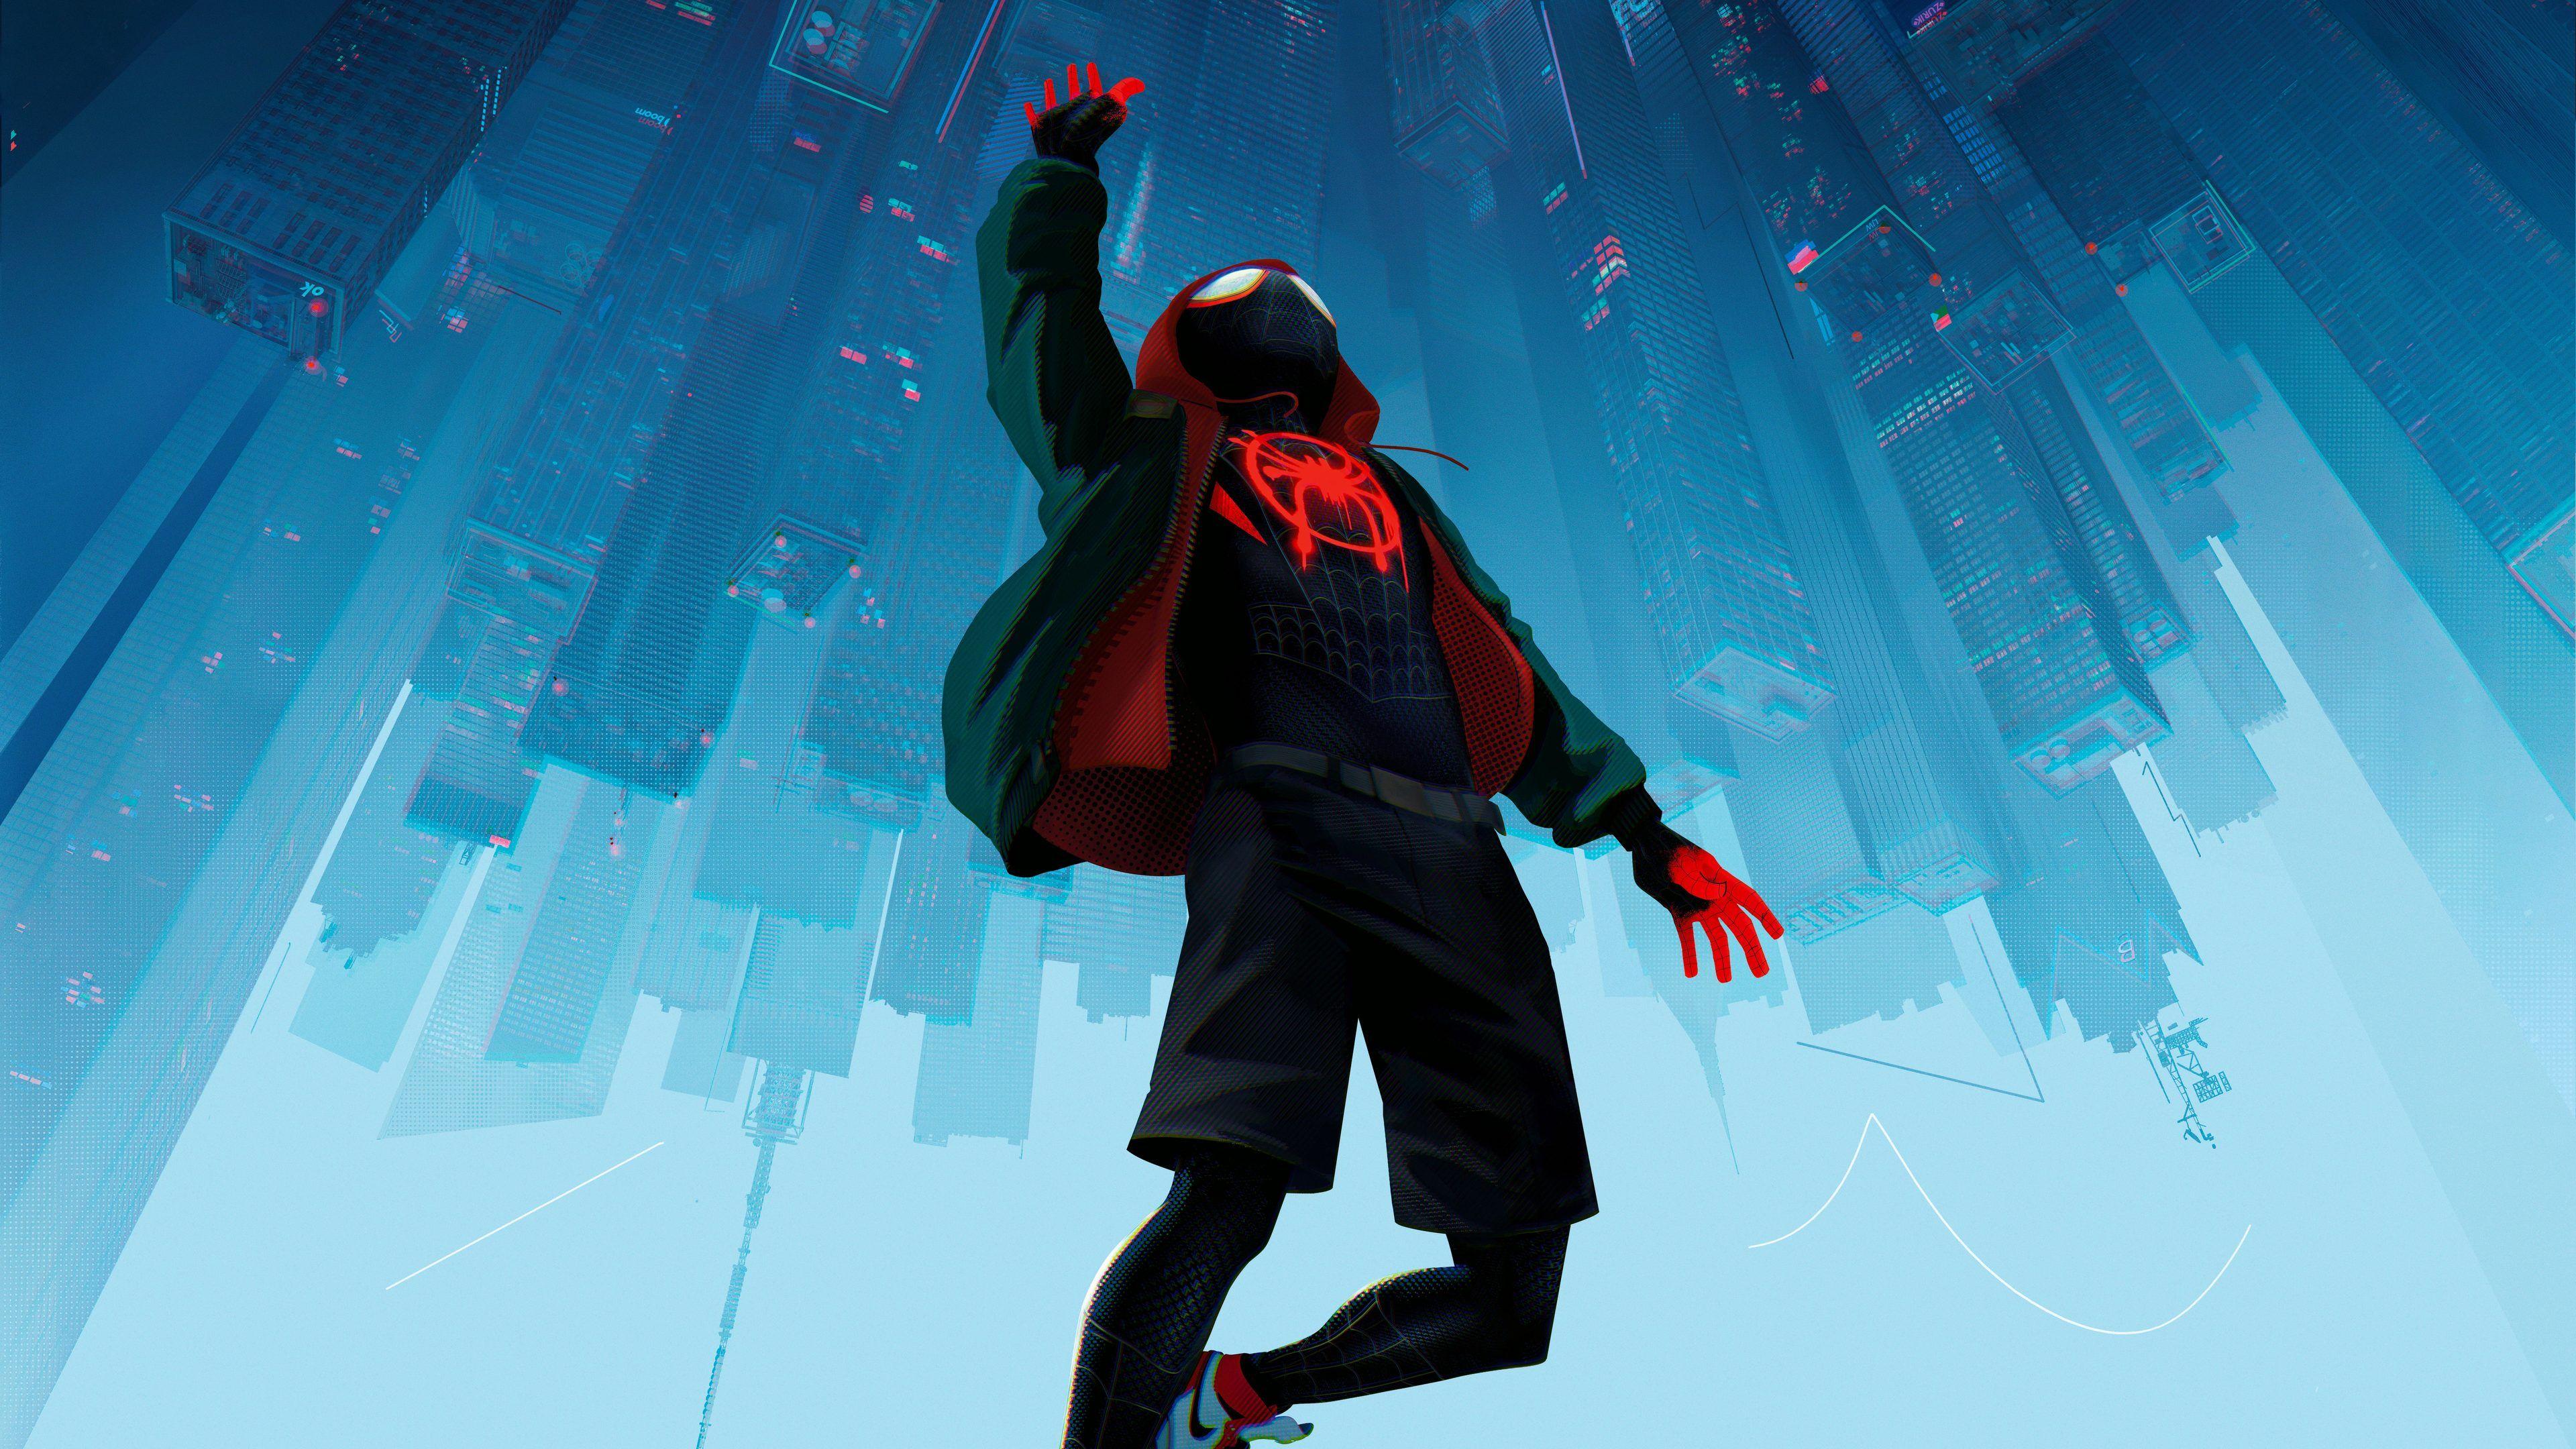 Spiderman Into The Spider Verse Movie 4k Spiderman Wallpapers Spiderman Into The Spider Verse Wallpapers Movie Spider Verse Spiderman Miles Morales Spiderman